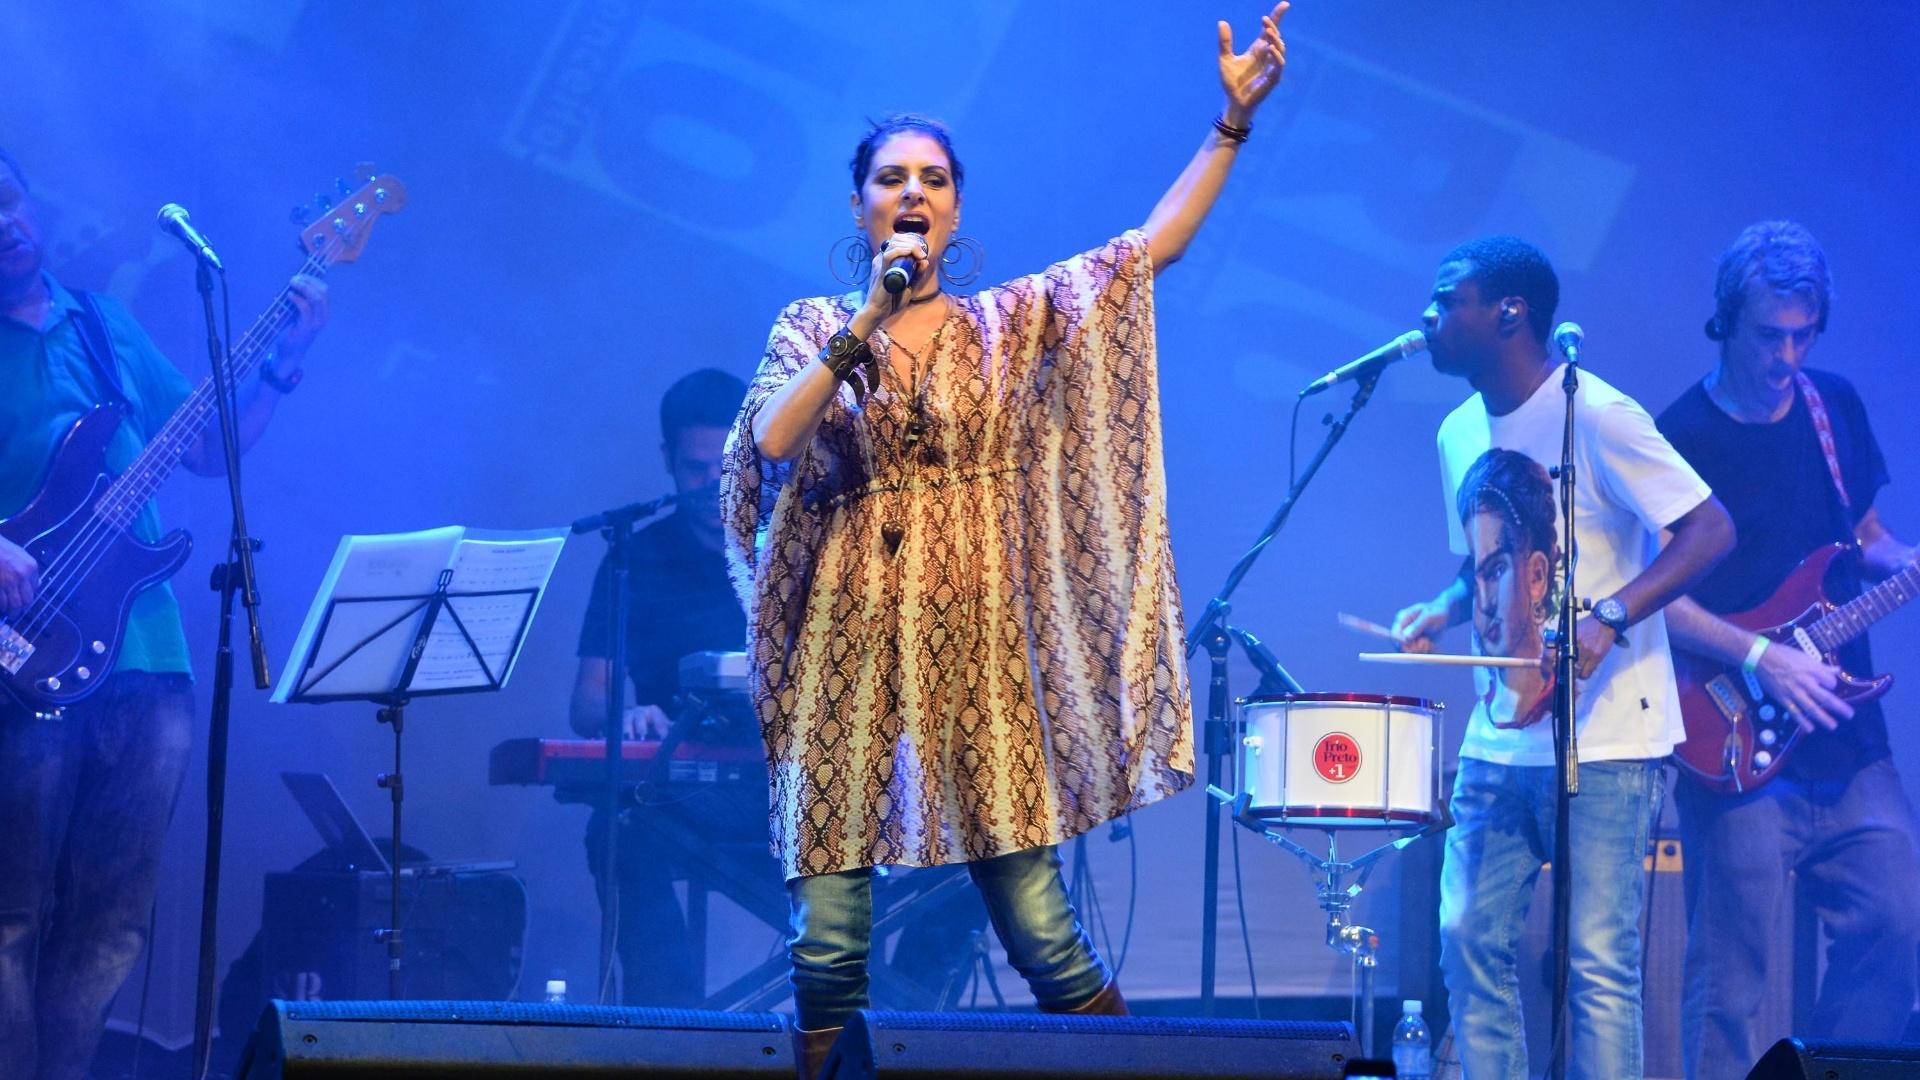 15.mai.2013 - Cantora Fernanda Abreu se apresenta no Programa Rio Sem Preconceito, realizado no Circo Voador, na capital fluminense